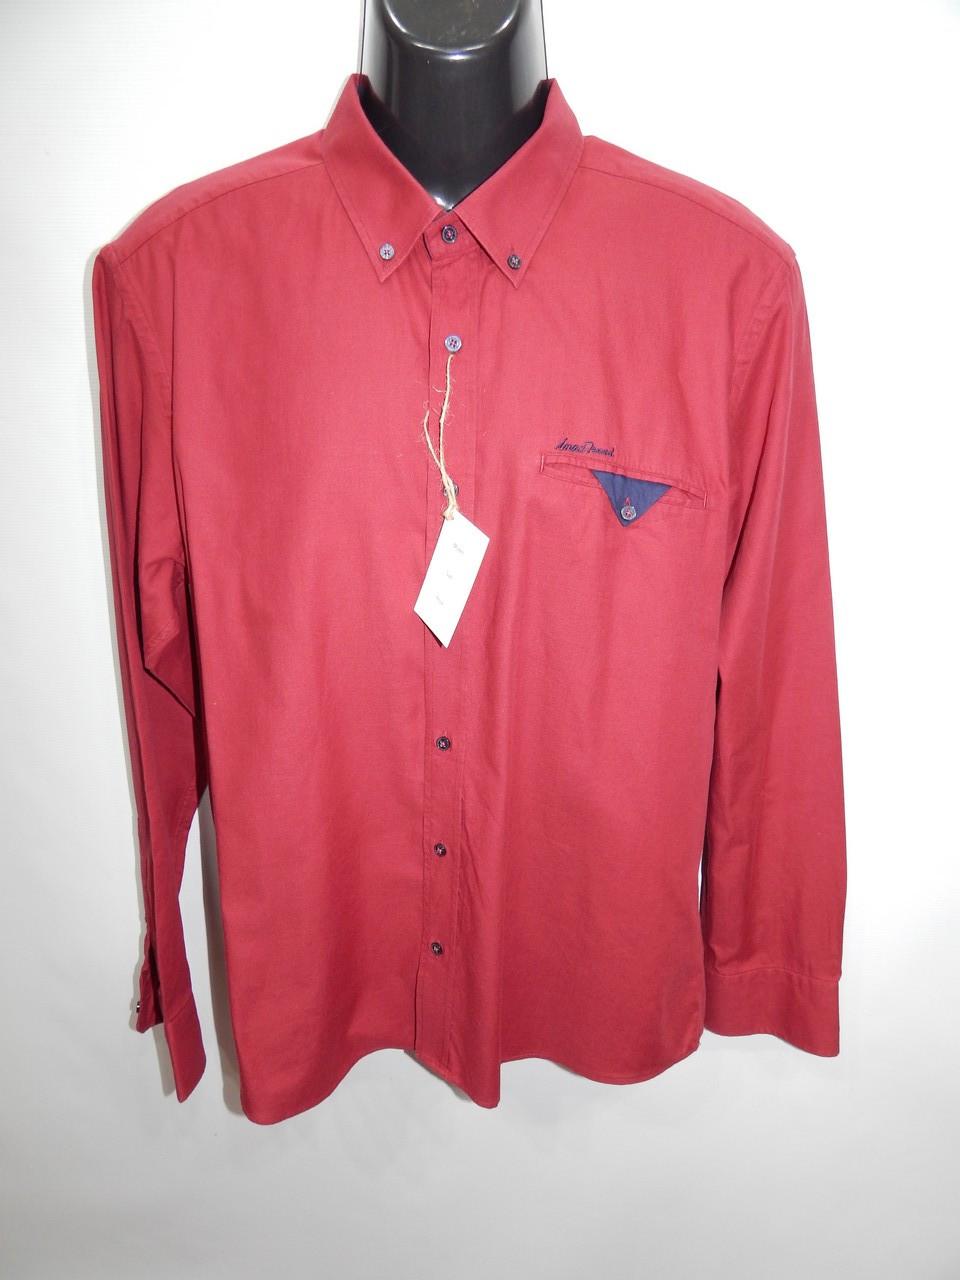 Мужская рубашка с длинным рукавом Imza trend 008ДР р.52